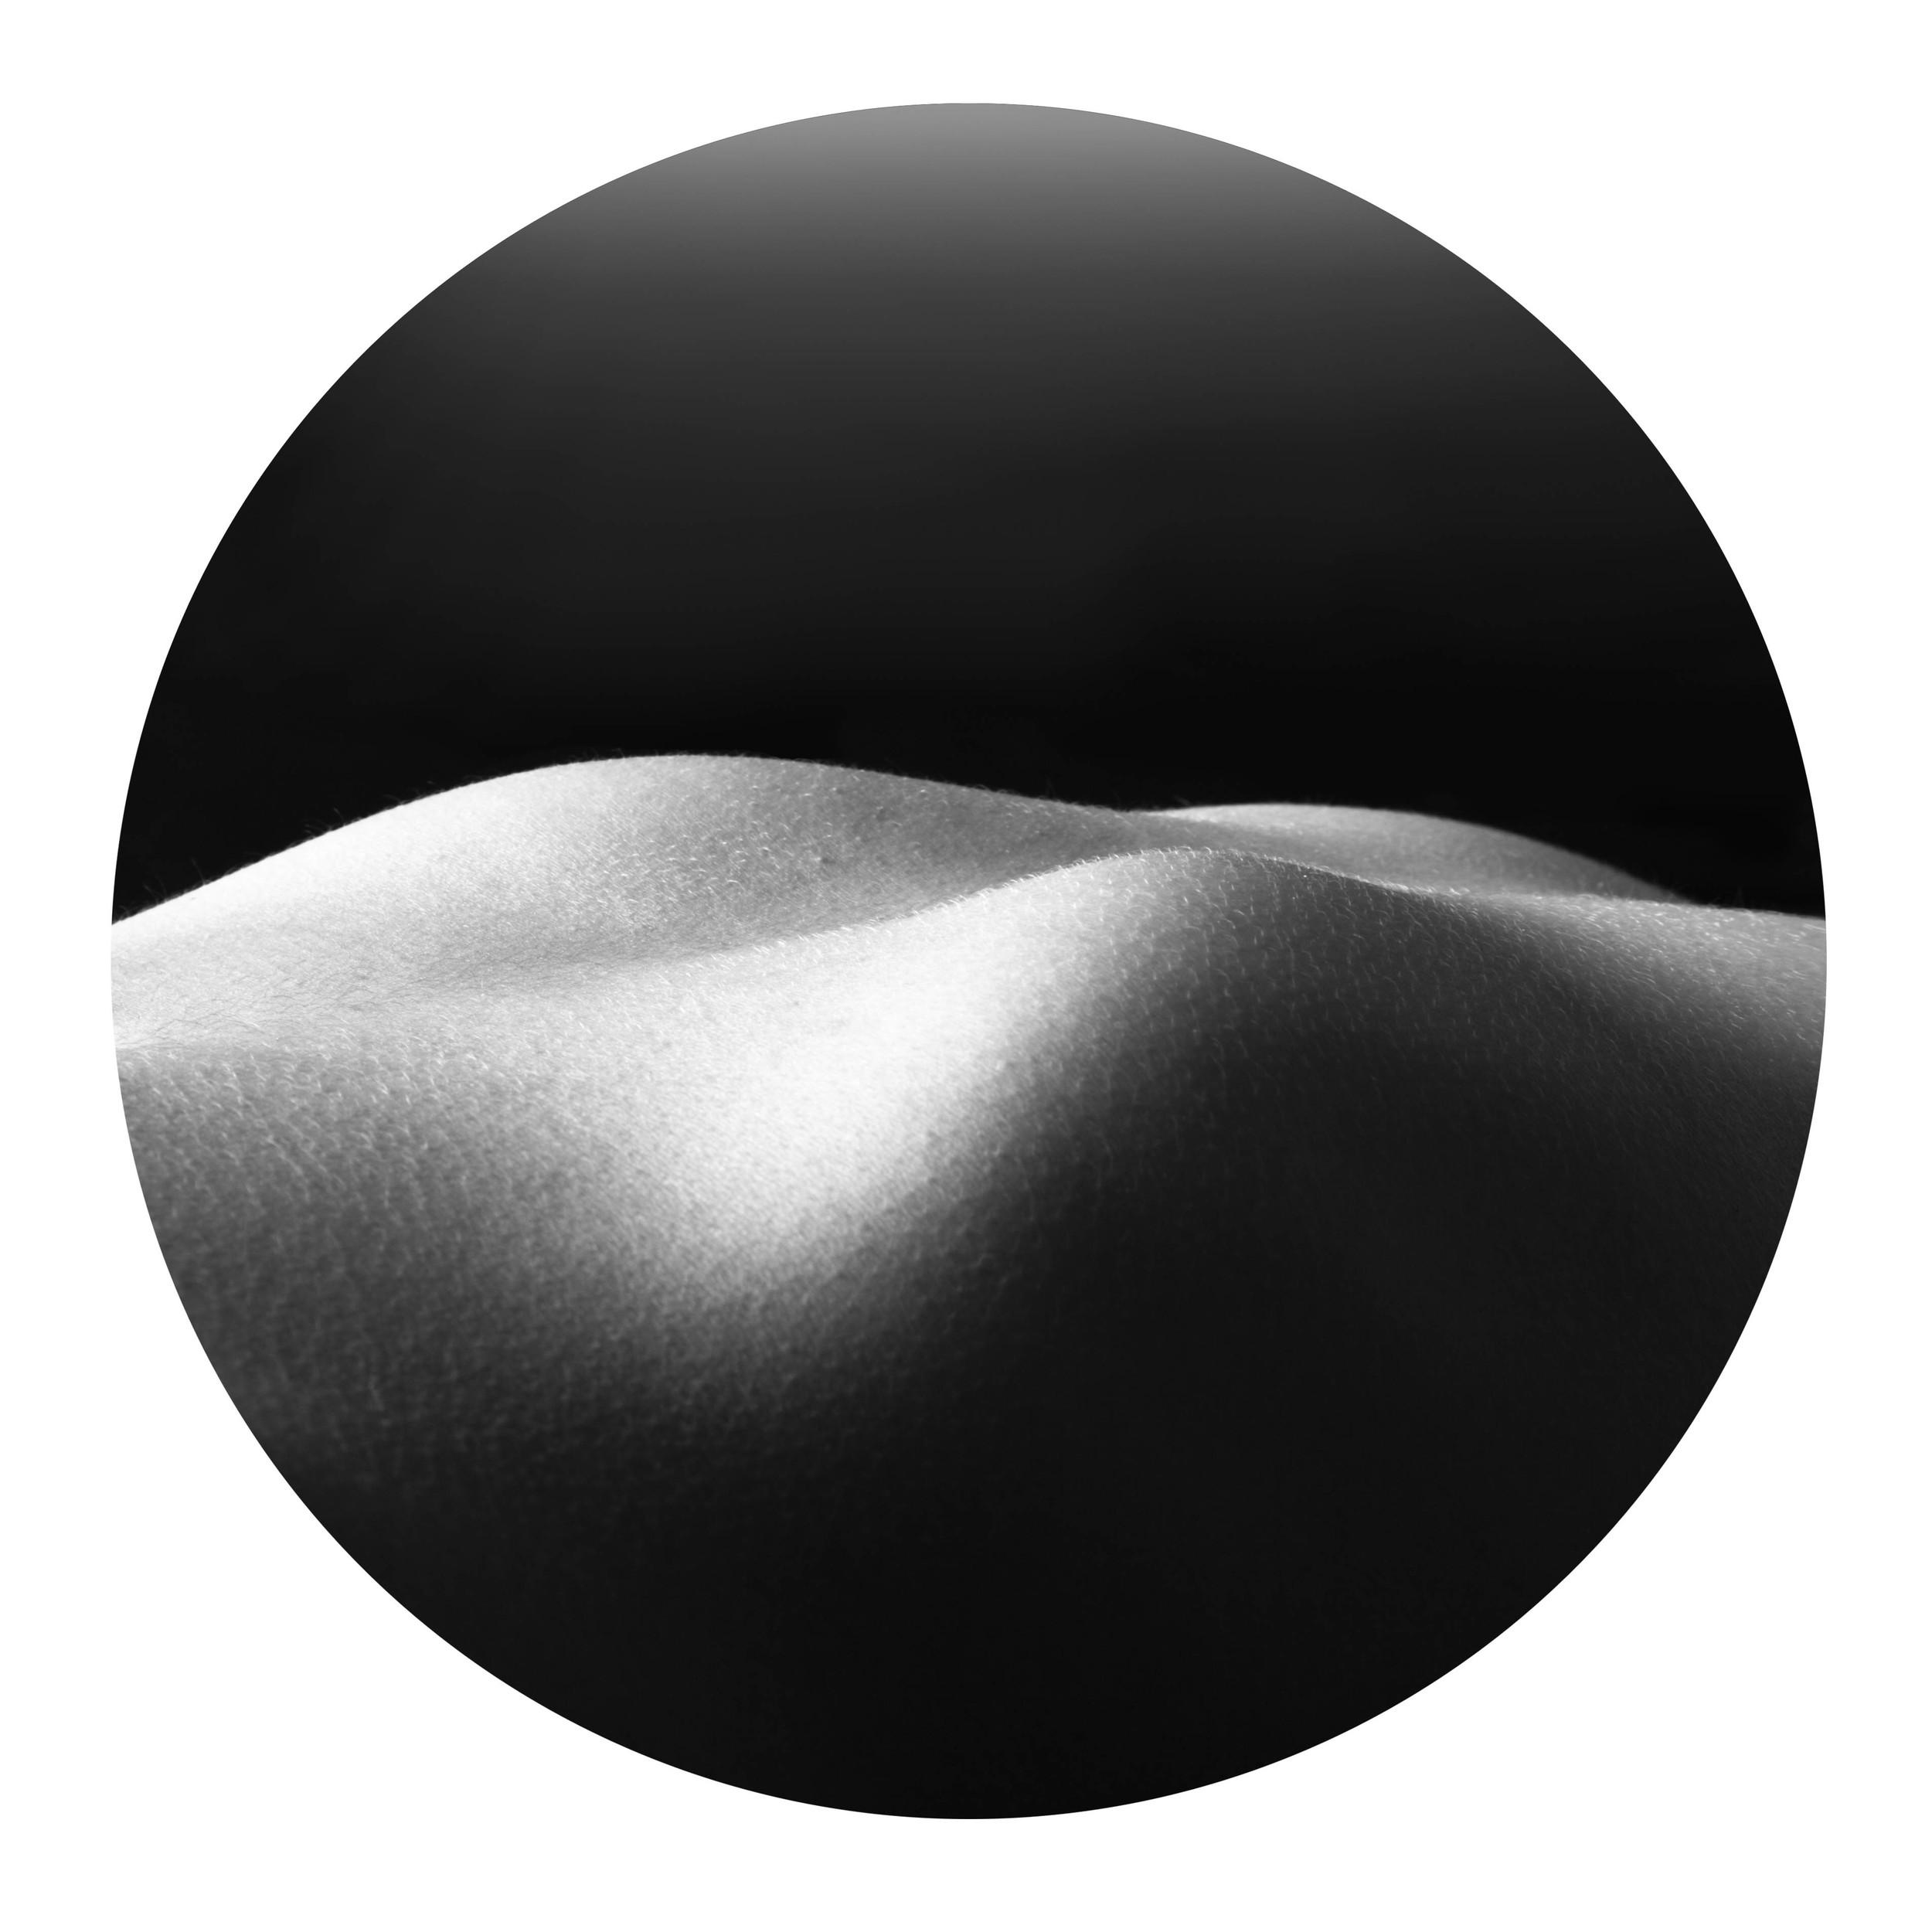 Shadows of Ink-Yongxi Wang 07.jpg